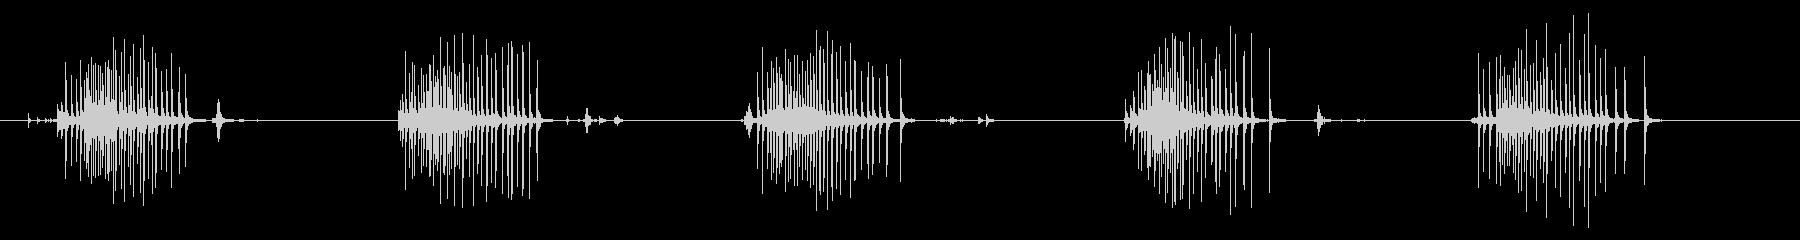 オルゴール フォーリー03-1(巻く)の未再生の波形